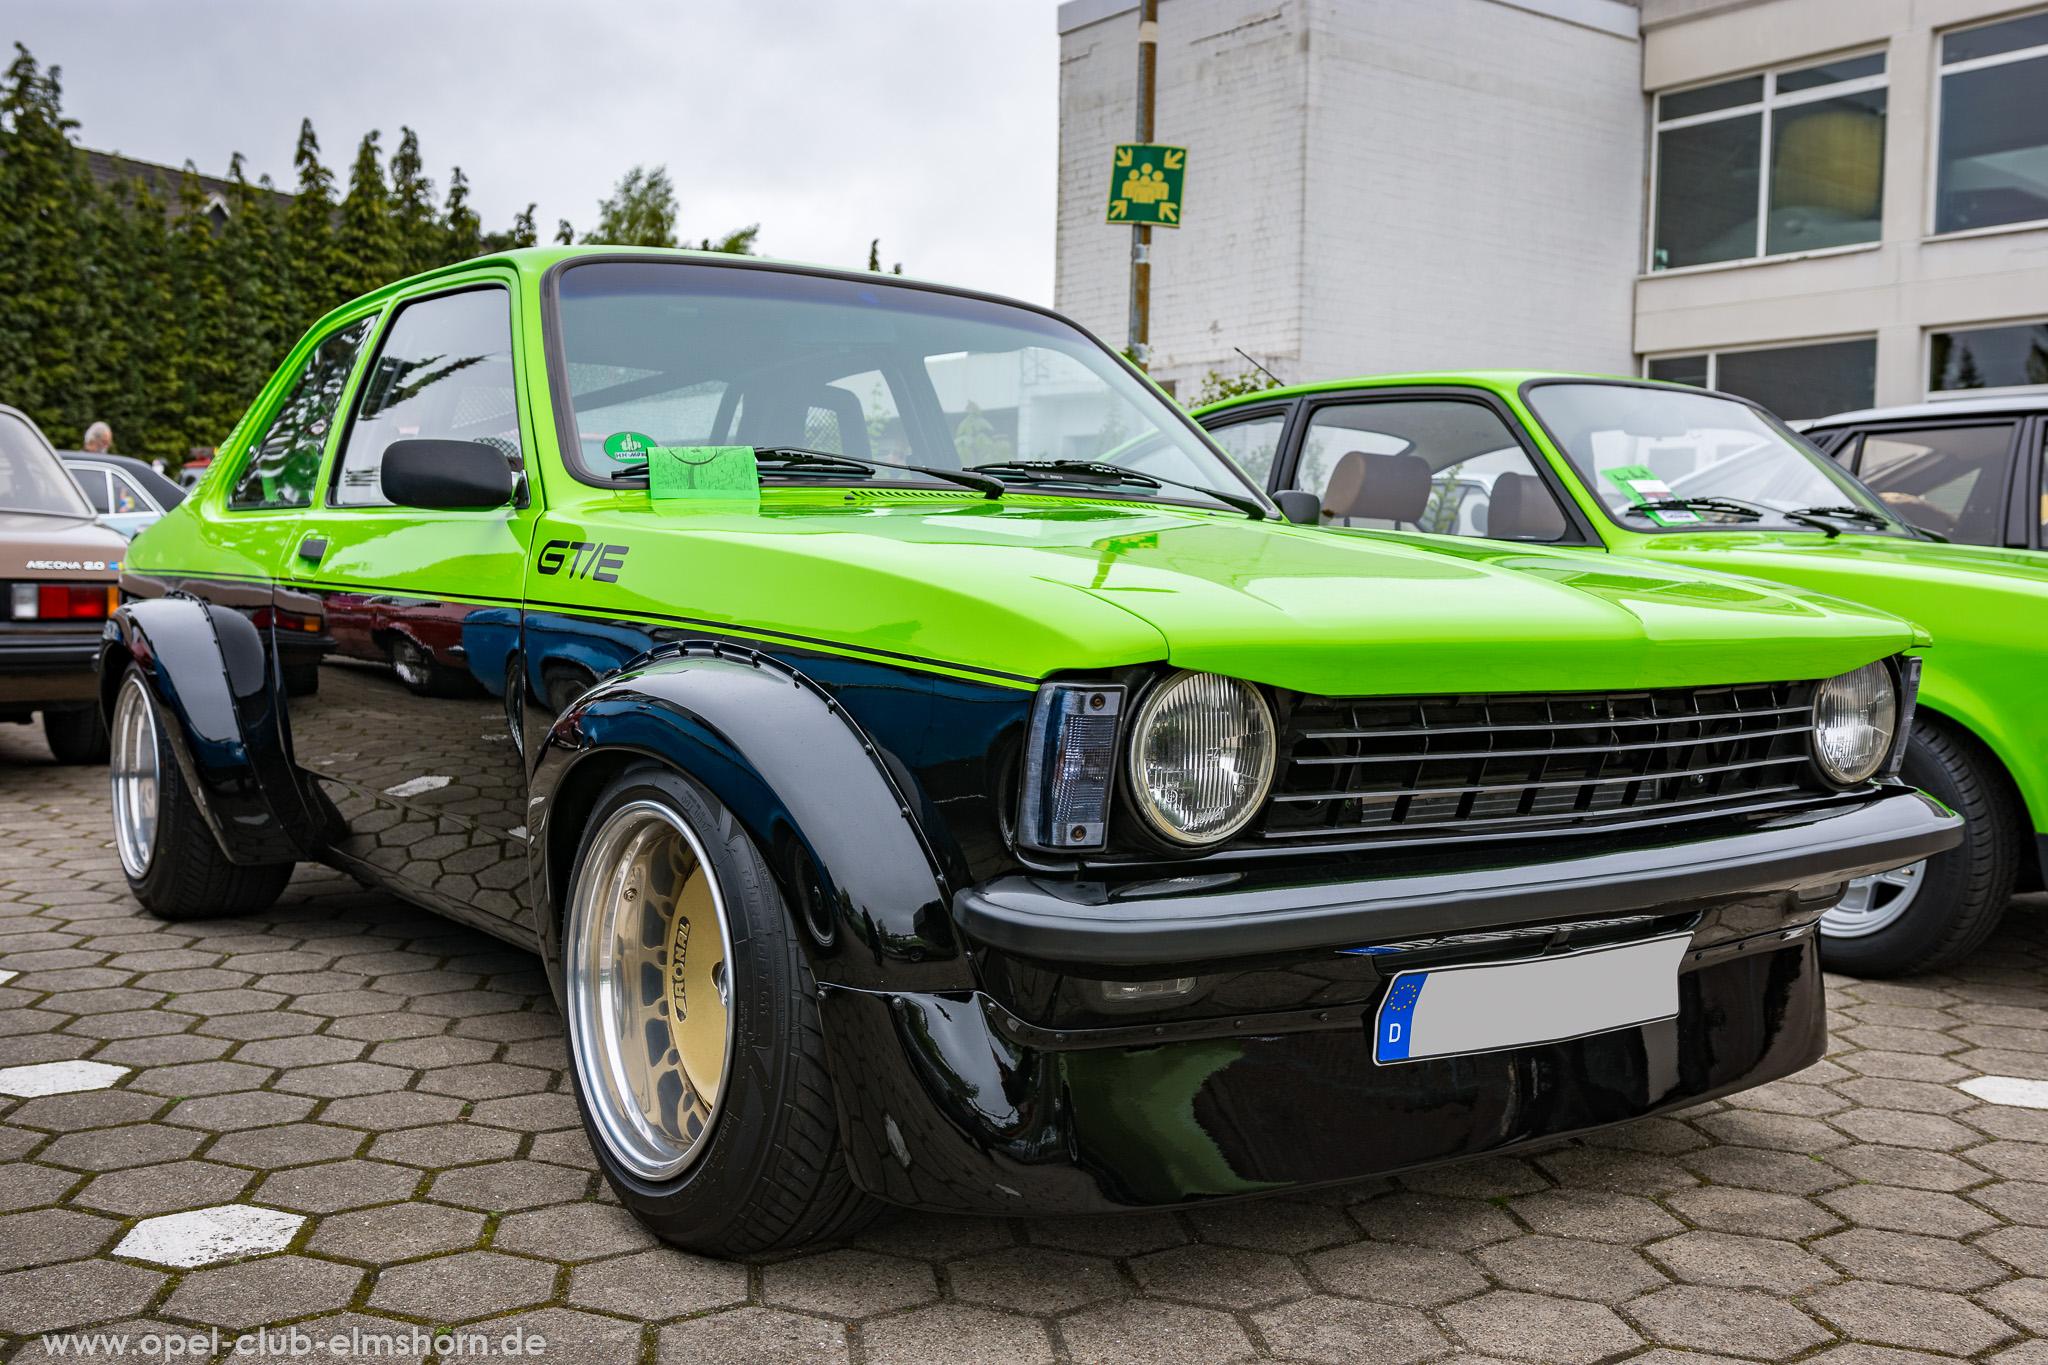 Altopeltreffen Wedel 2019 - 20190501_113945 - Opel Kadett C